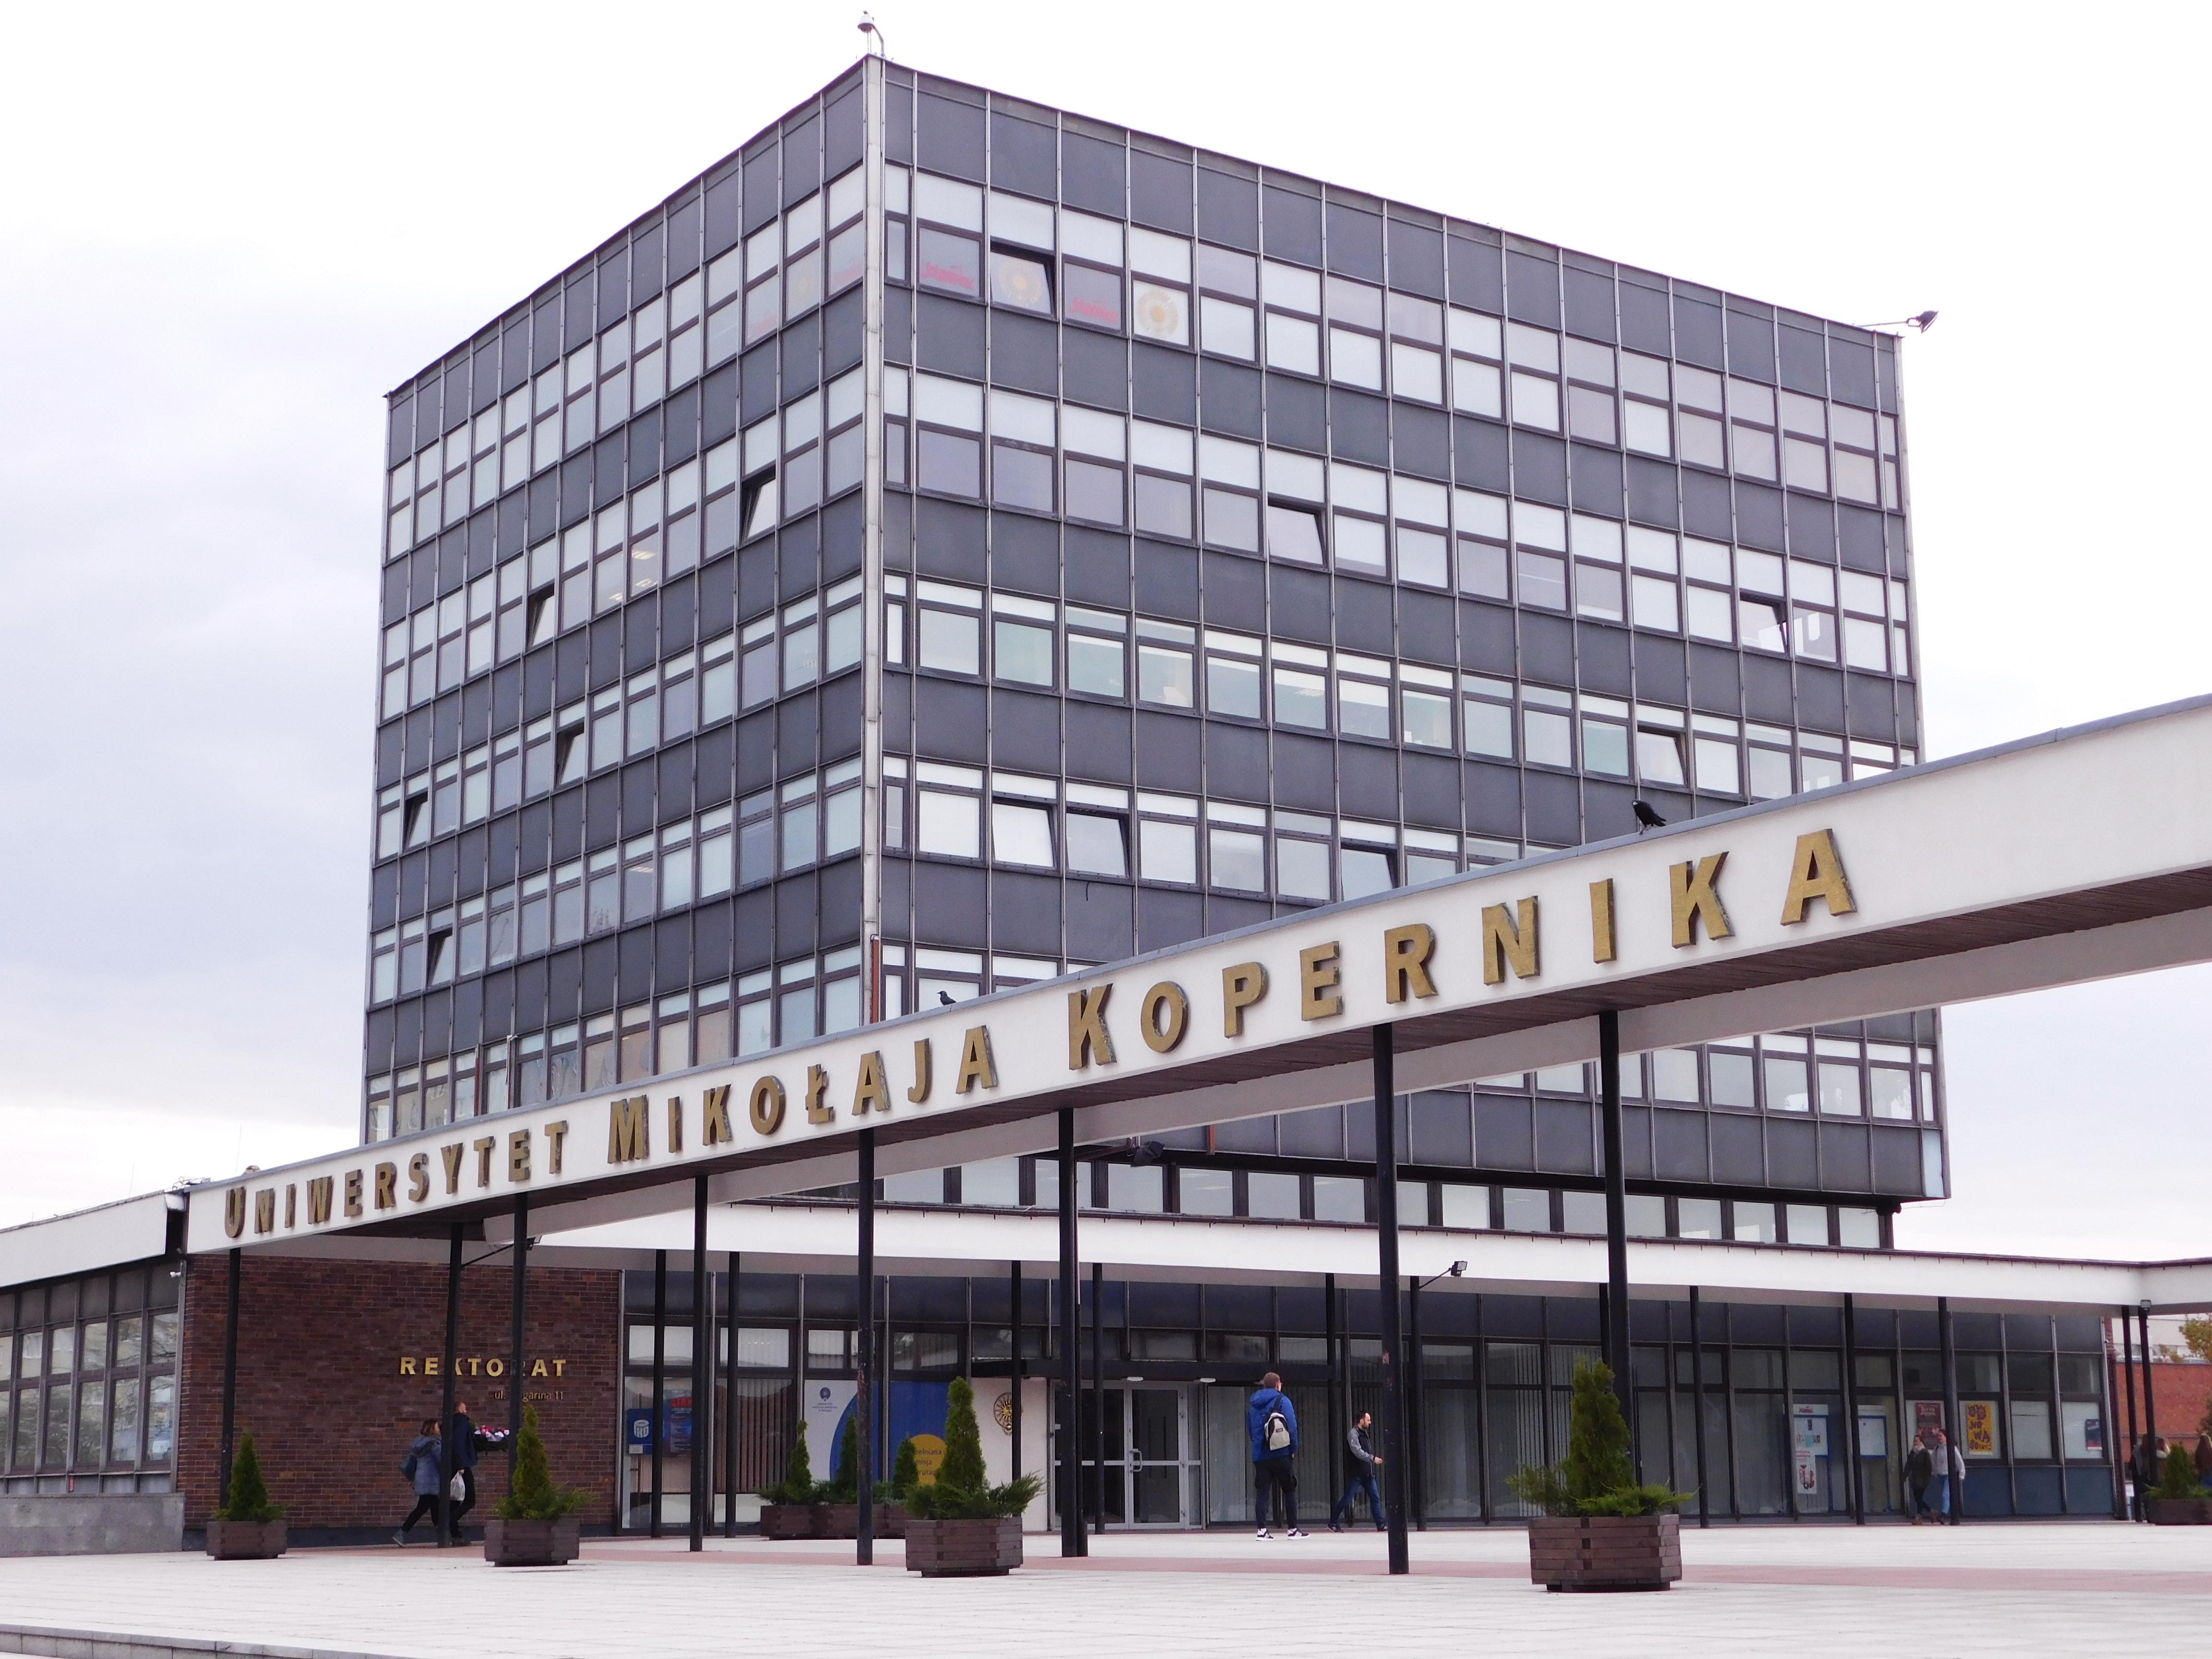 """Kampus UMK, który znalazł się w zestawieniu stu najważniejszych budynków stulecia stworzonym przez miesięcznik """"Archtektura Murator"""". [fot. Sara Watrak]"""